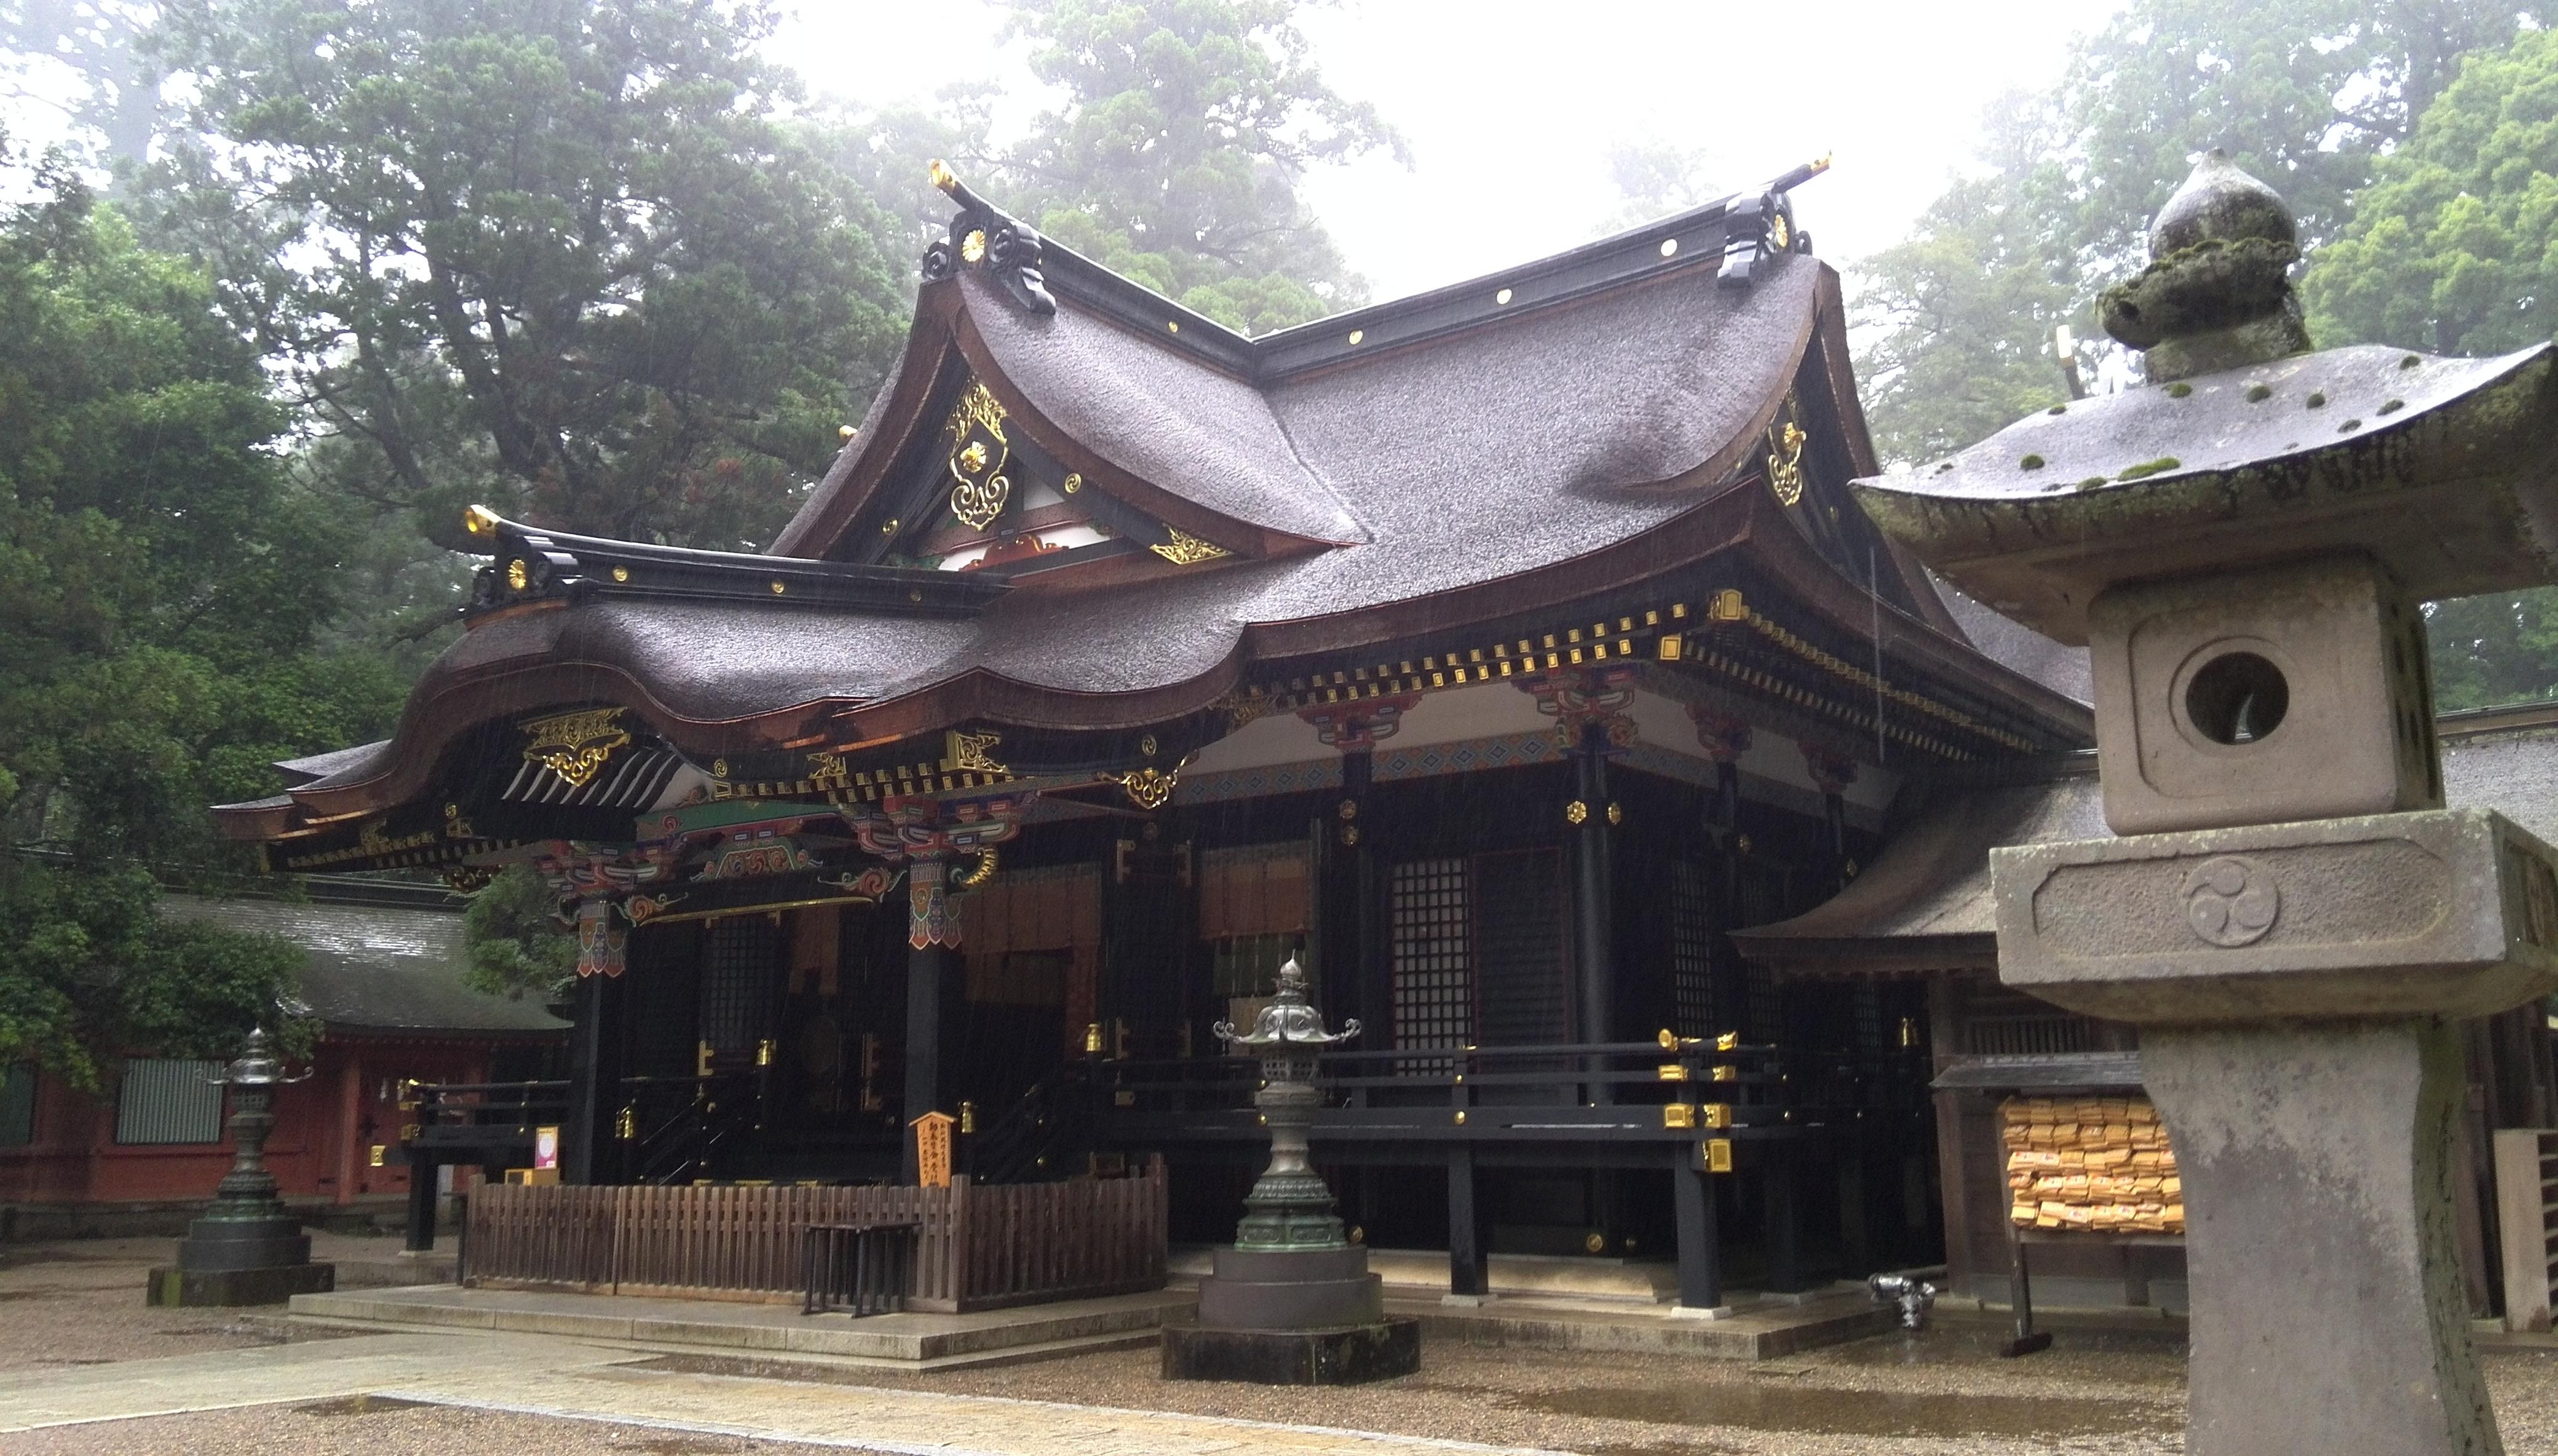 雨の日の香取神宮 02.jpg